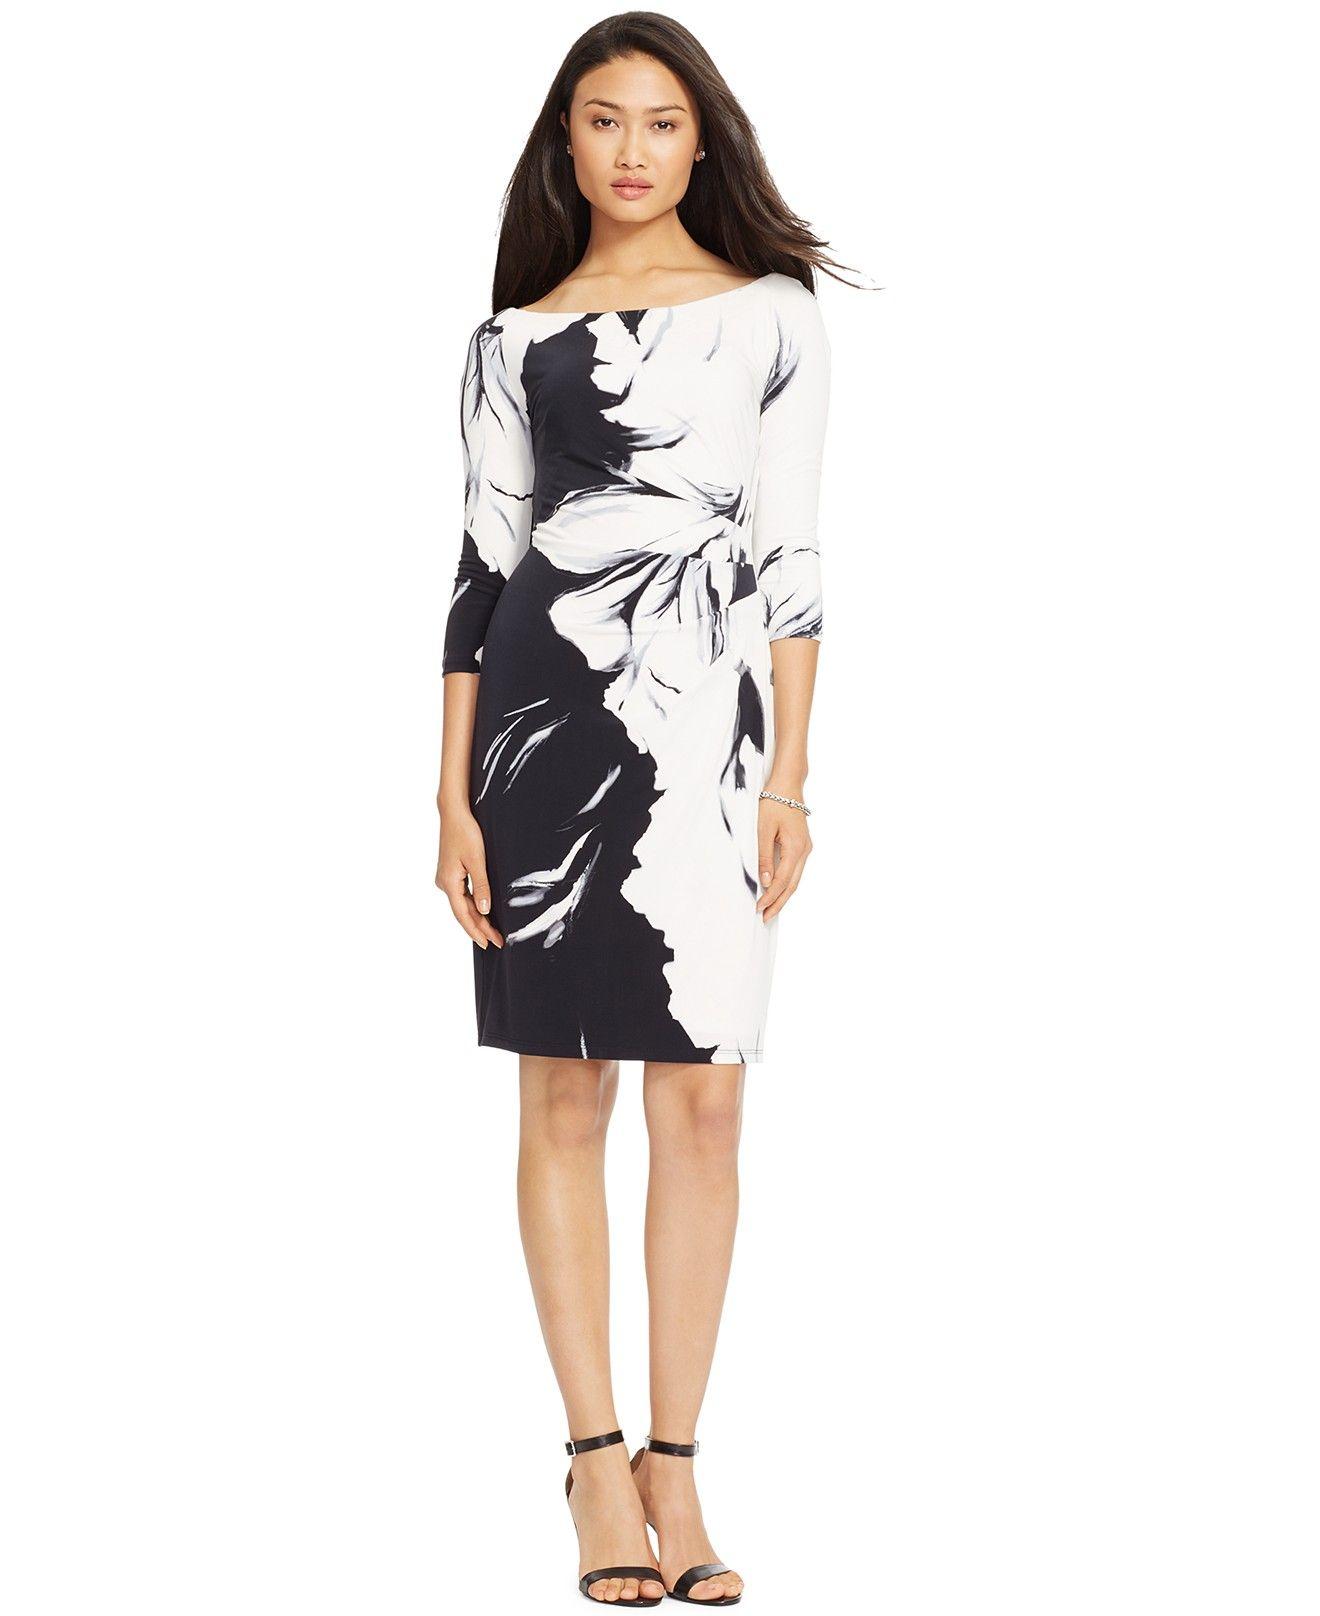 705069d8061 Lauren Ralph Lauren Floral-Print Three-Quarter-Sleeve Dress - Dresses -  Women - Macy's